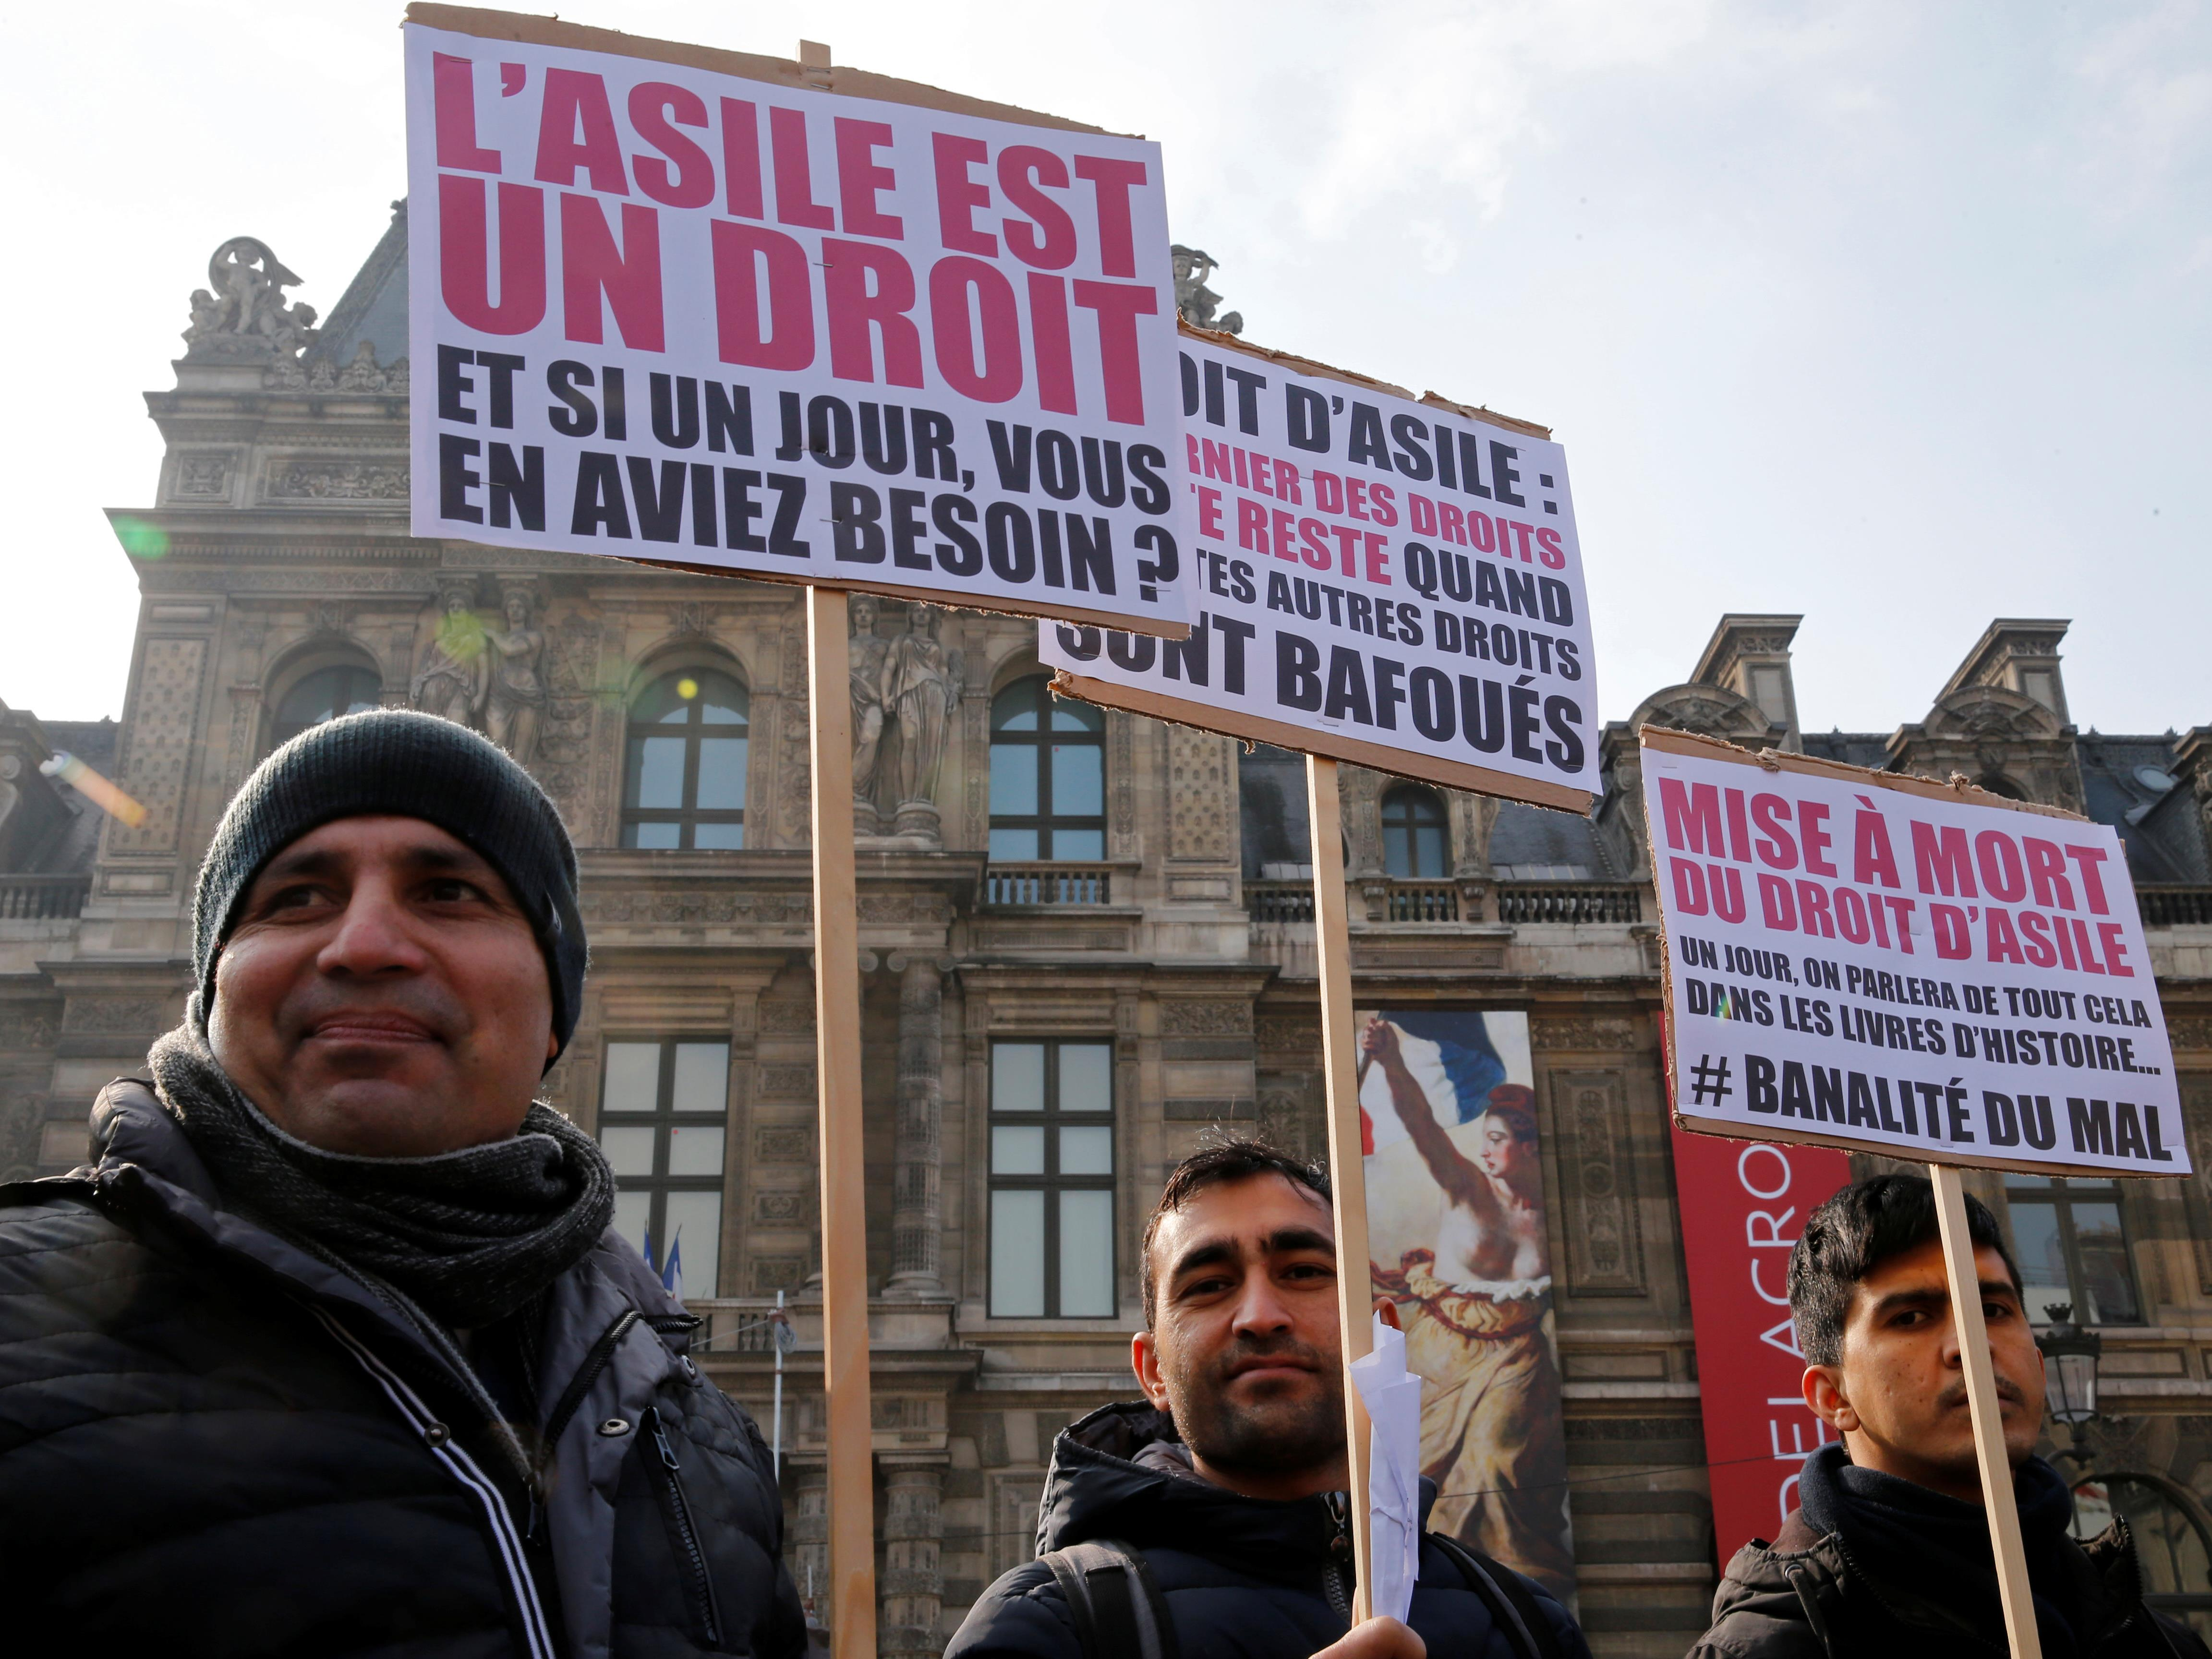 Des migrants manifestent à Paris en février 2018 contre un projet de loi asile et immigration controversé.